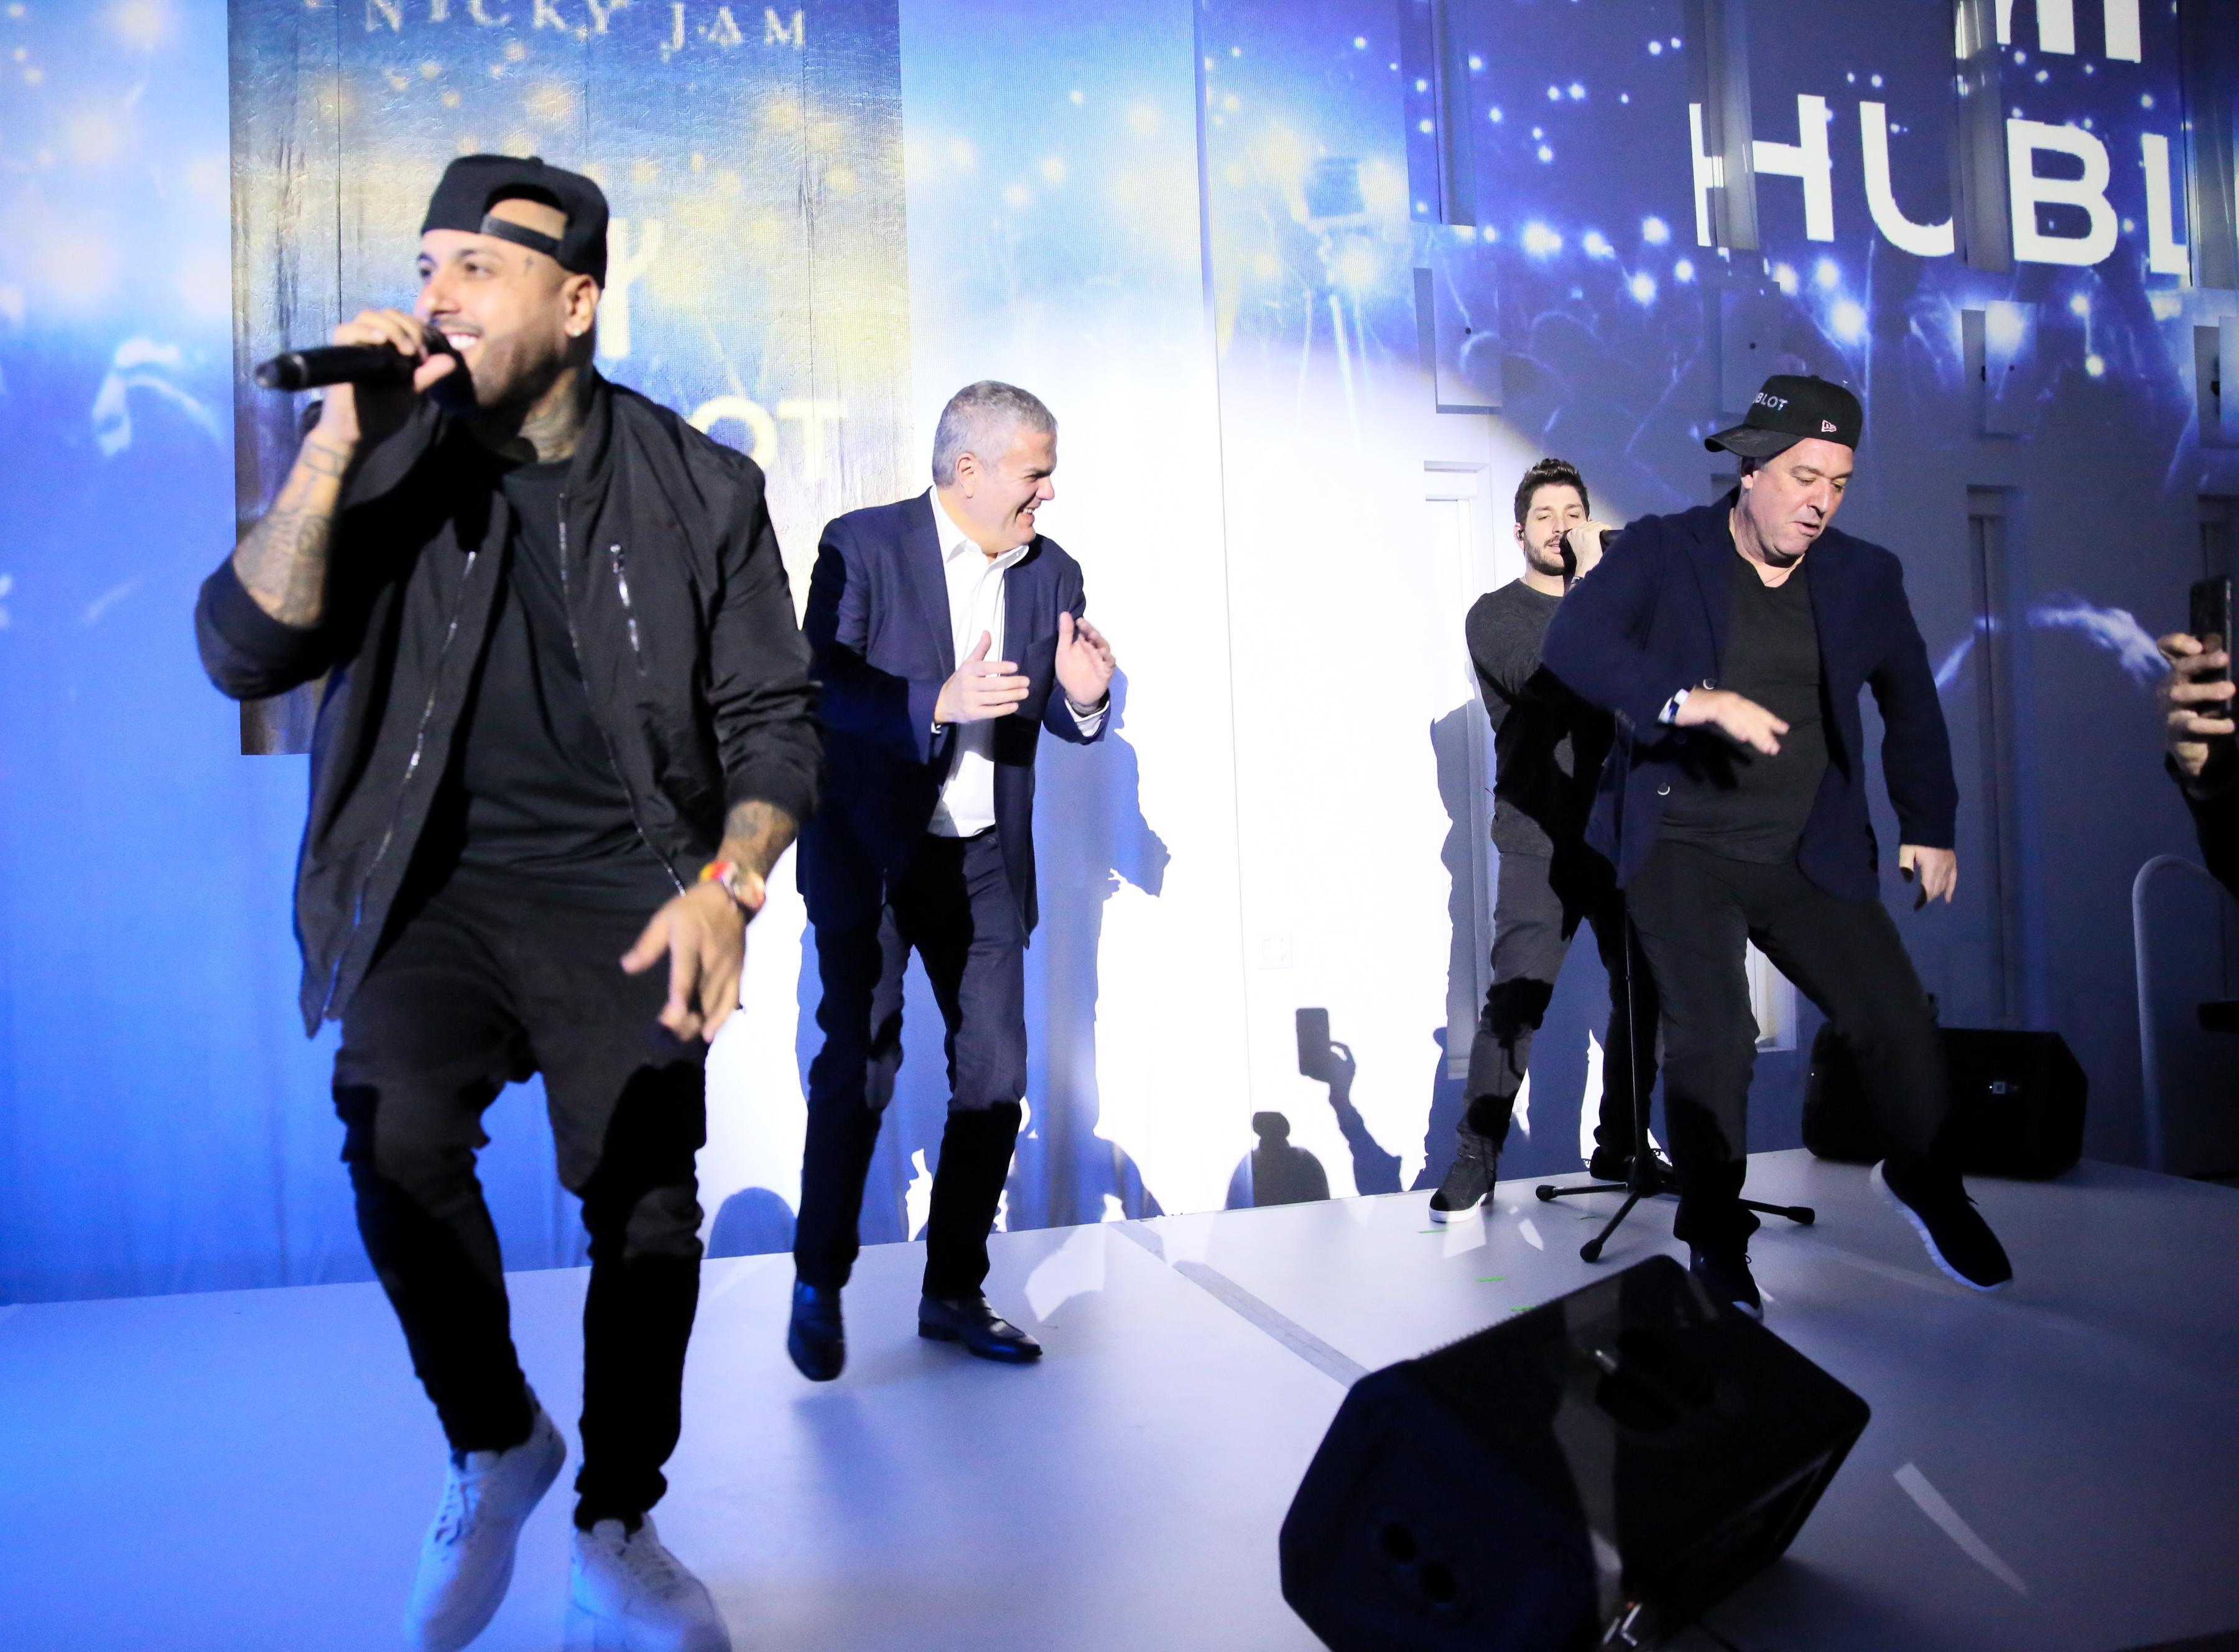 Nicky Jam, Ricardo Guadalupe, Rick De La Croix